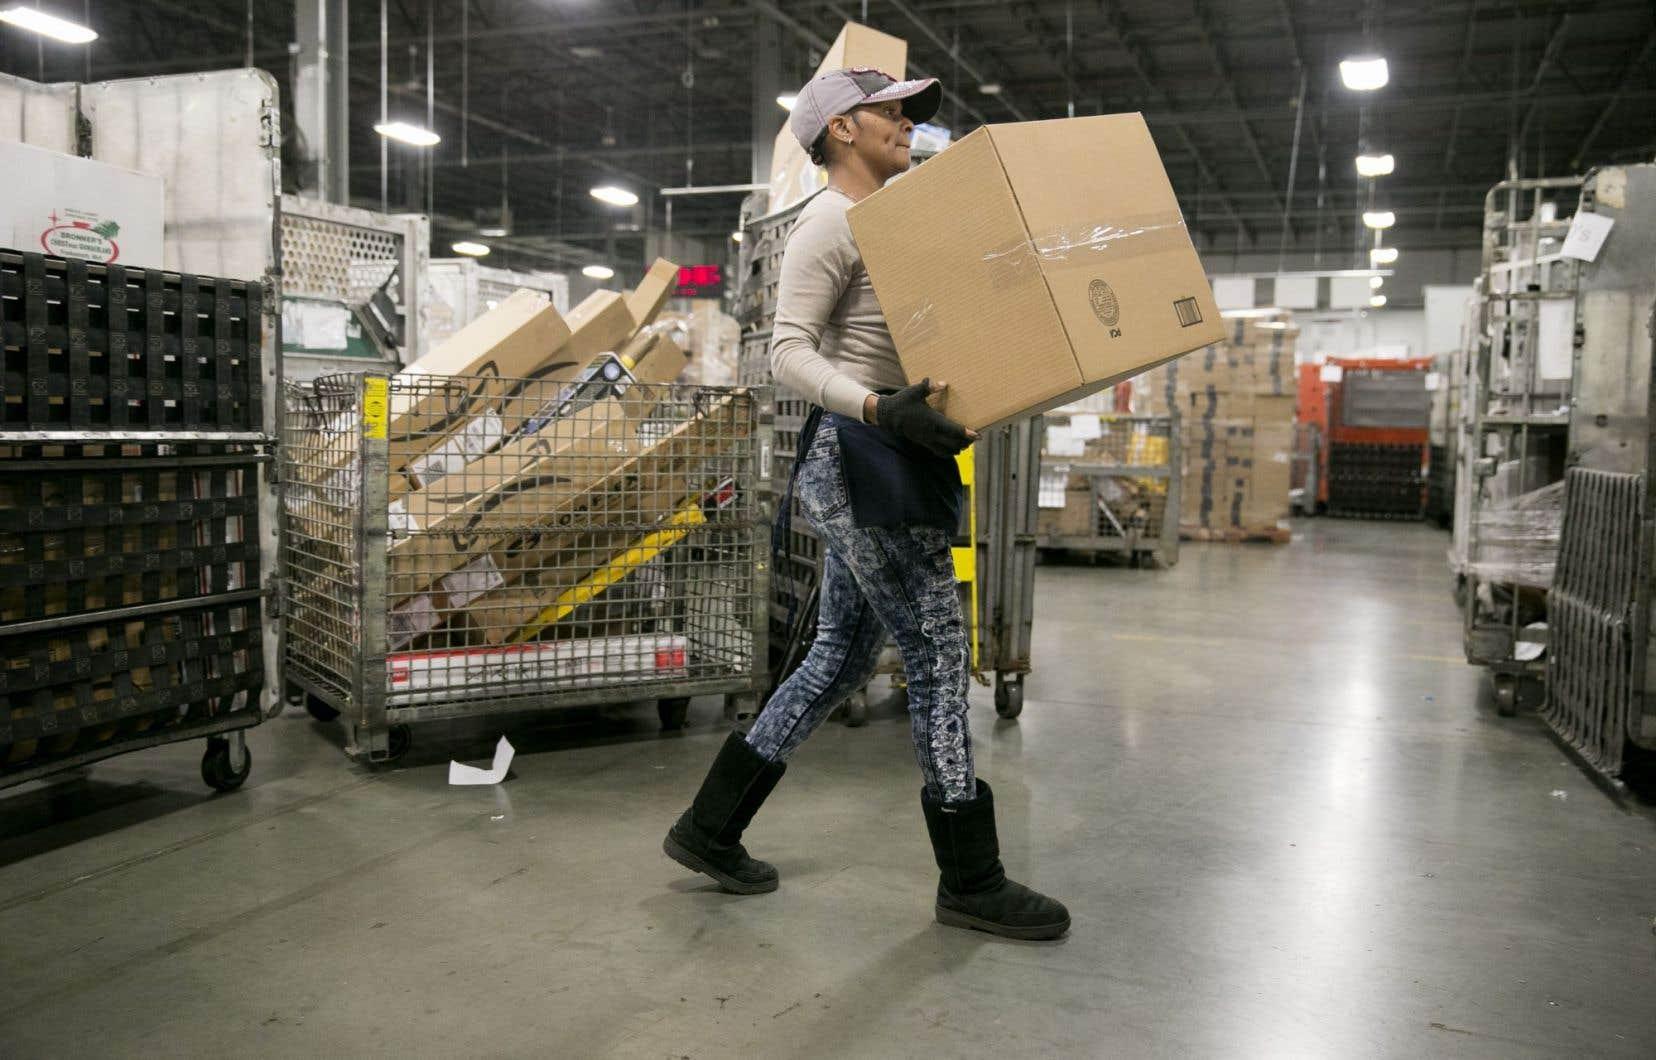 Des commerçants hors Québec ou étrangers jouissent d'un avantage concurrentiel injuste par rapport aux détaillants québécois, car ils ne perçoivent pas la taxe de vente.